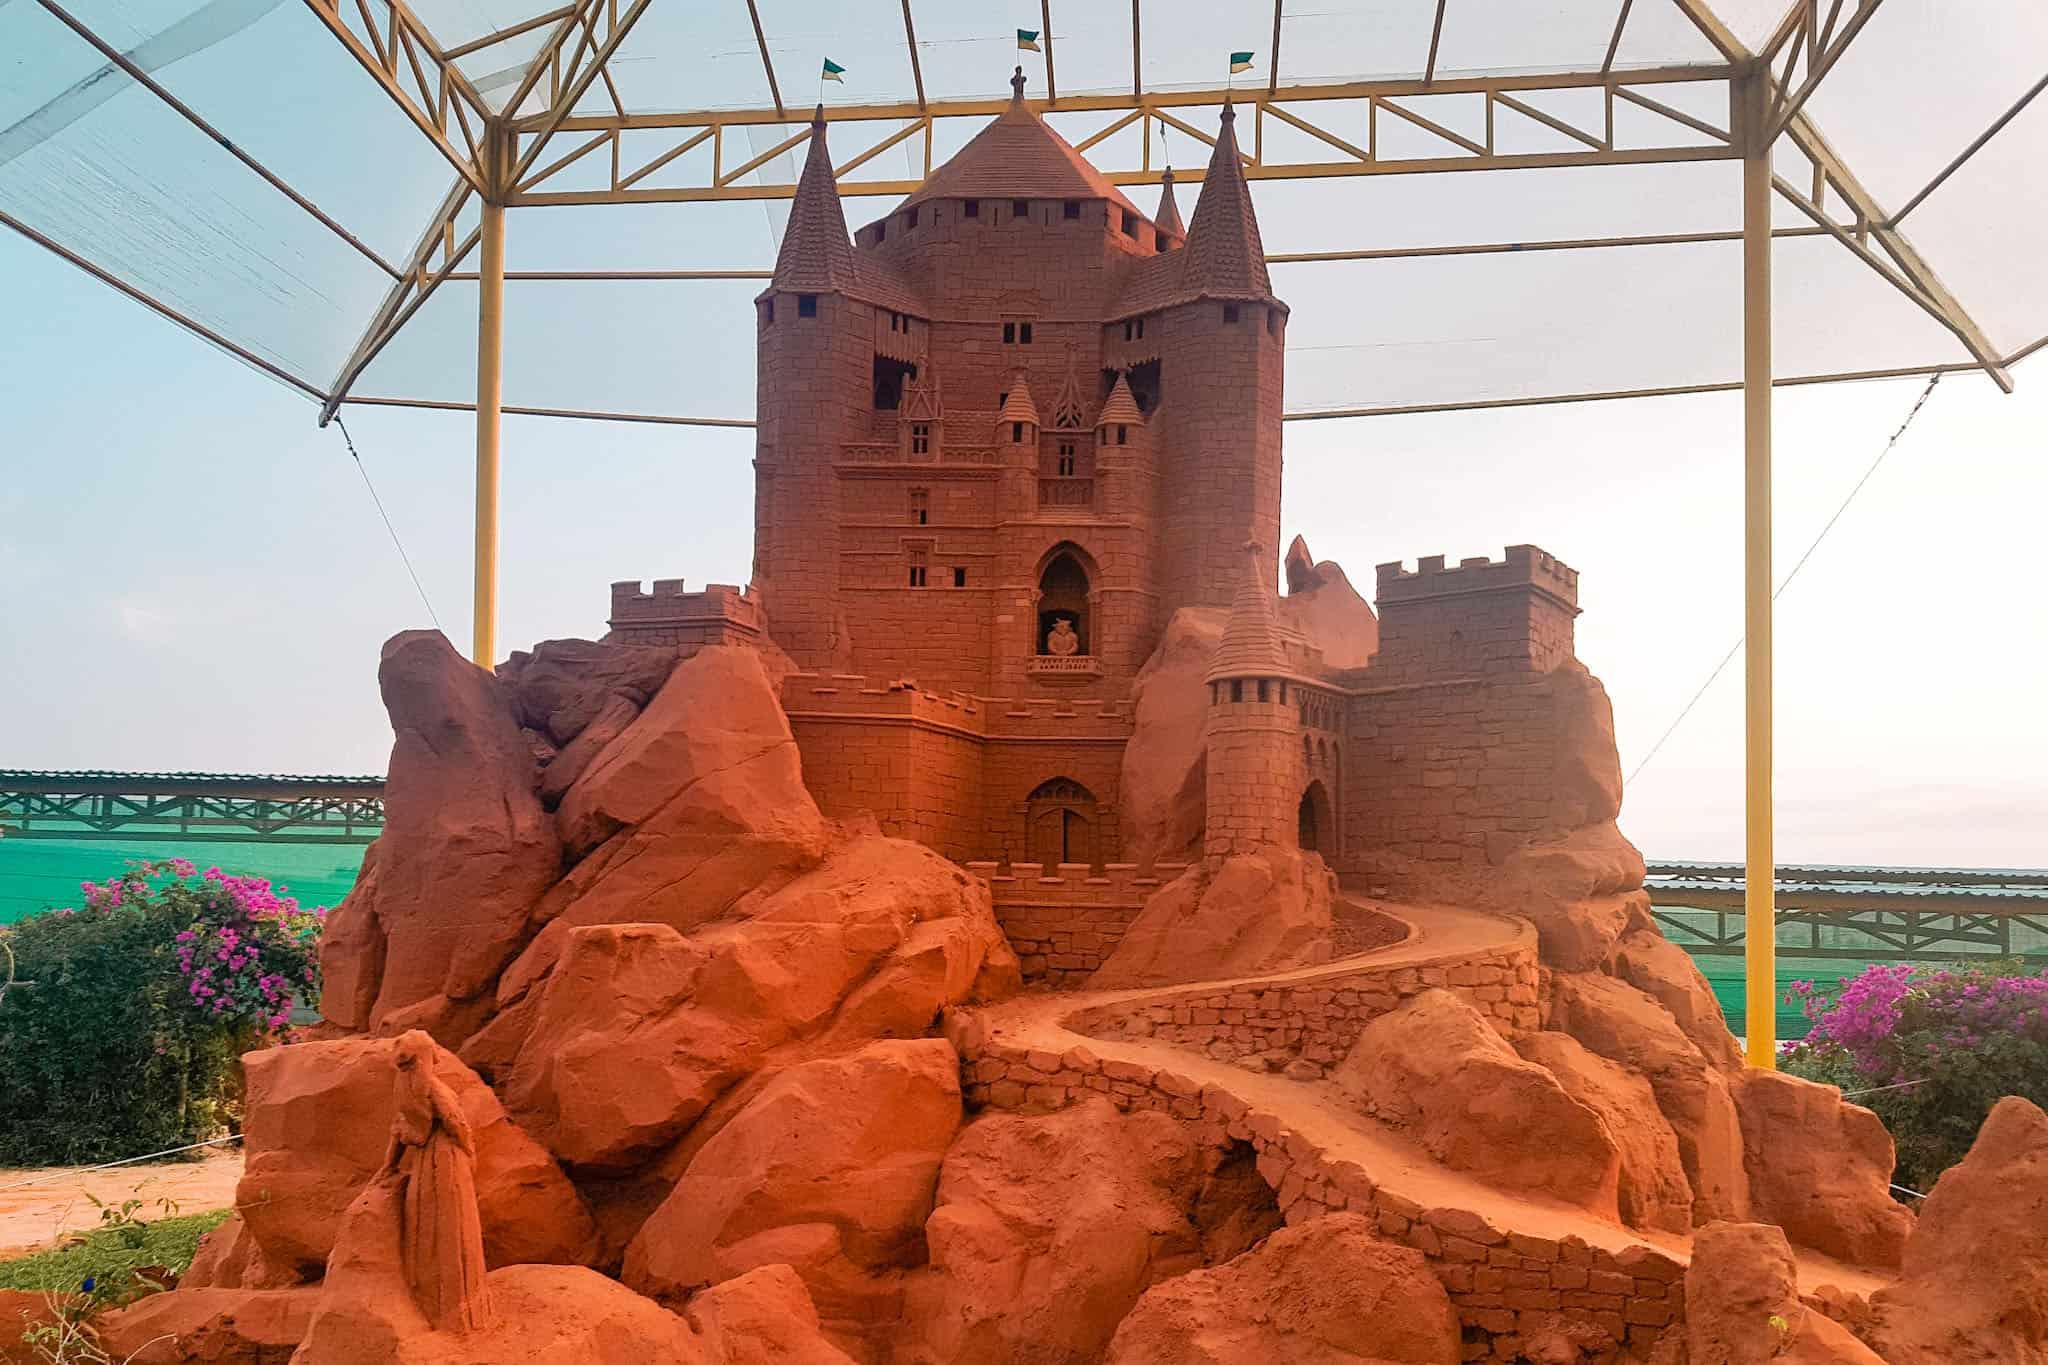 Sand Sculpture Highlights